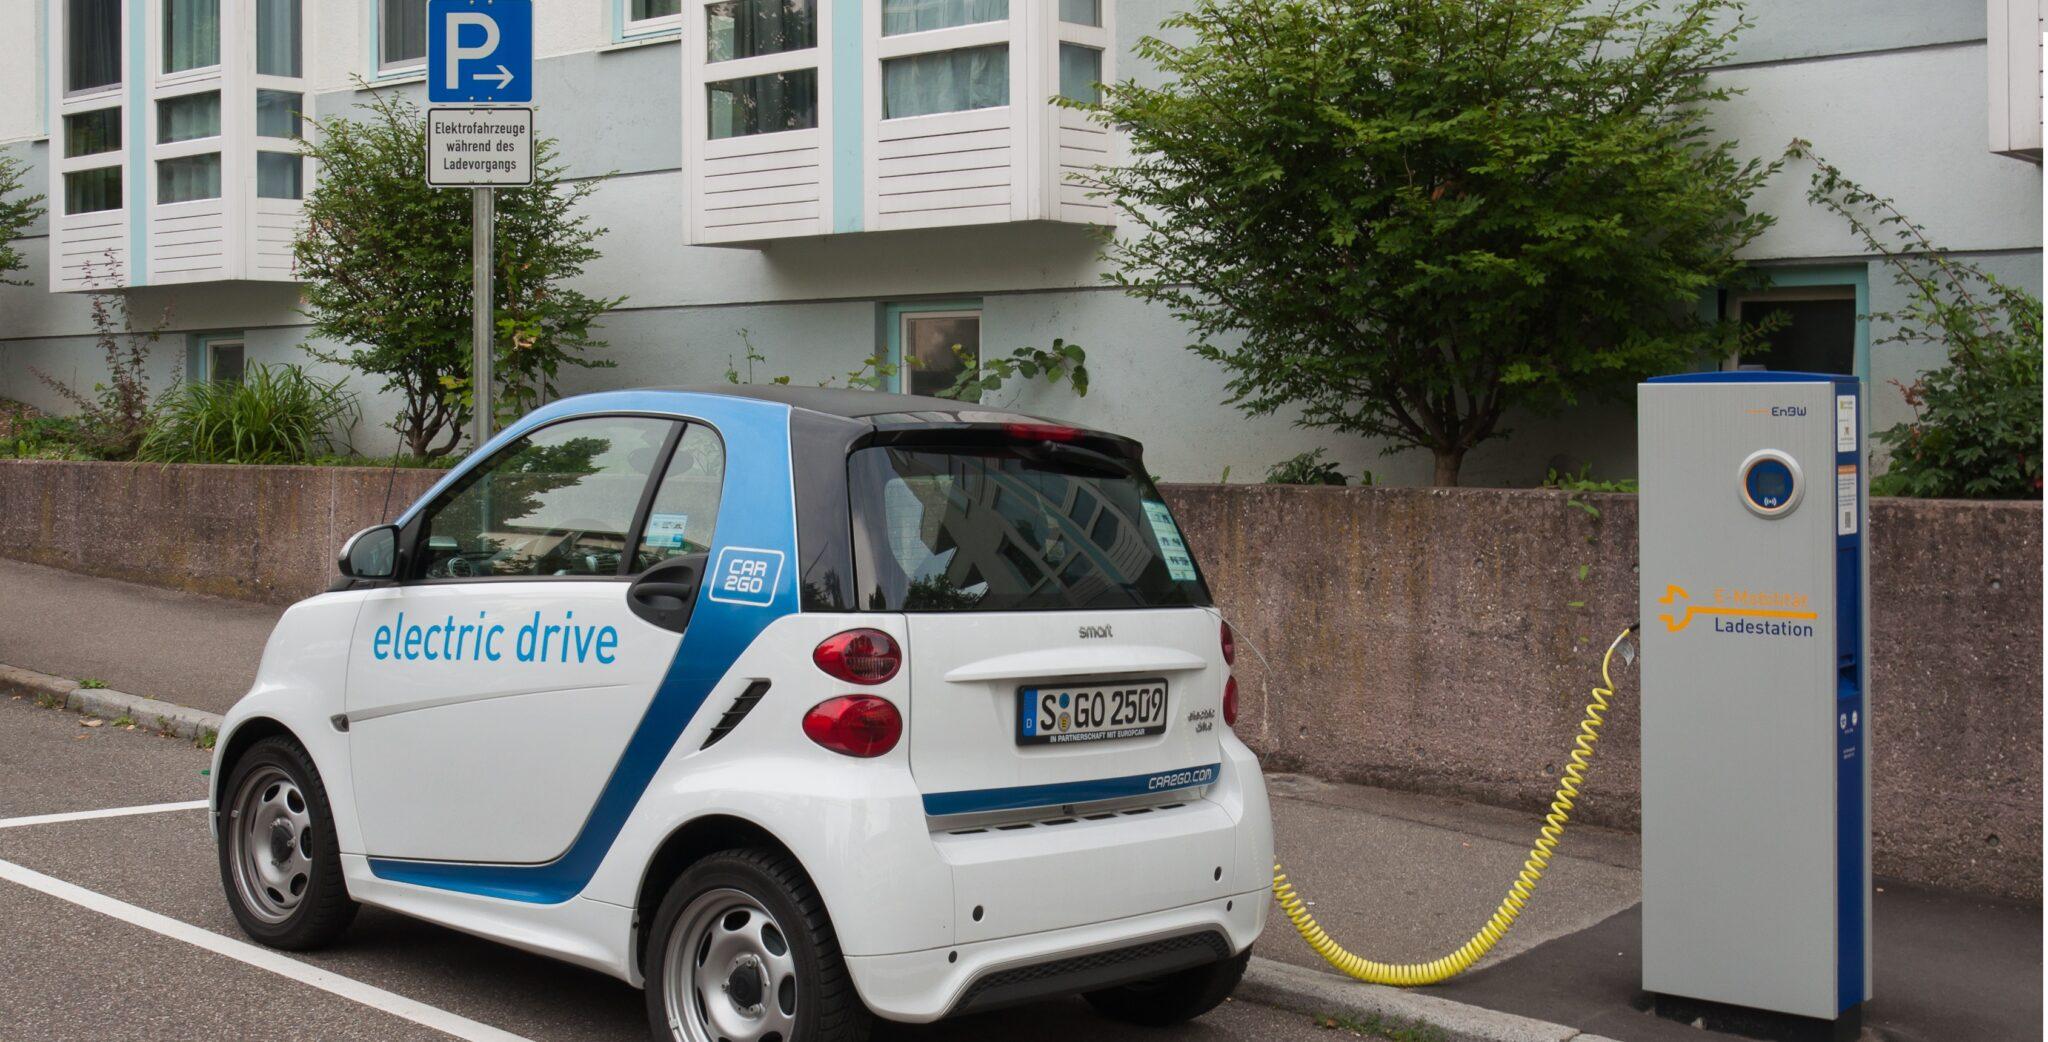 Accès aux prises pour les automobiles électriques : Paris va-t-il disjoncter ?